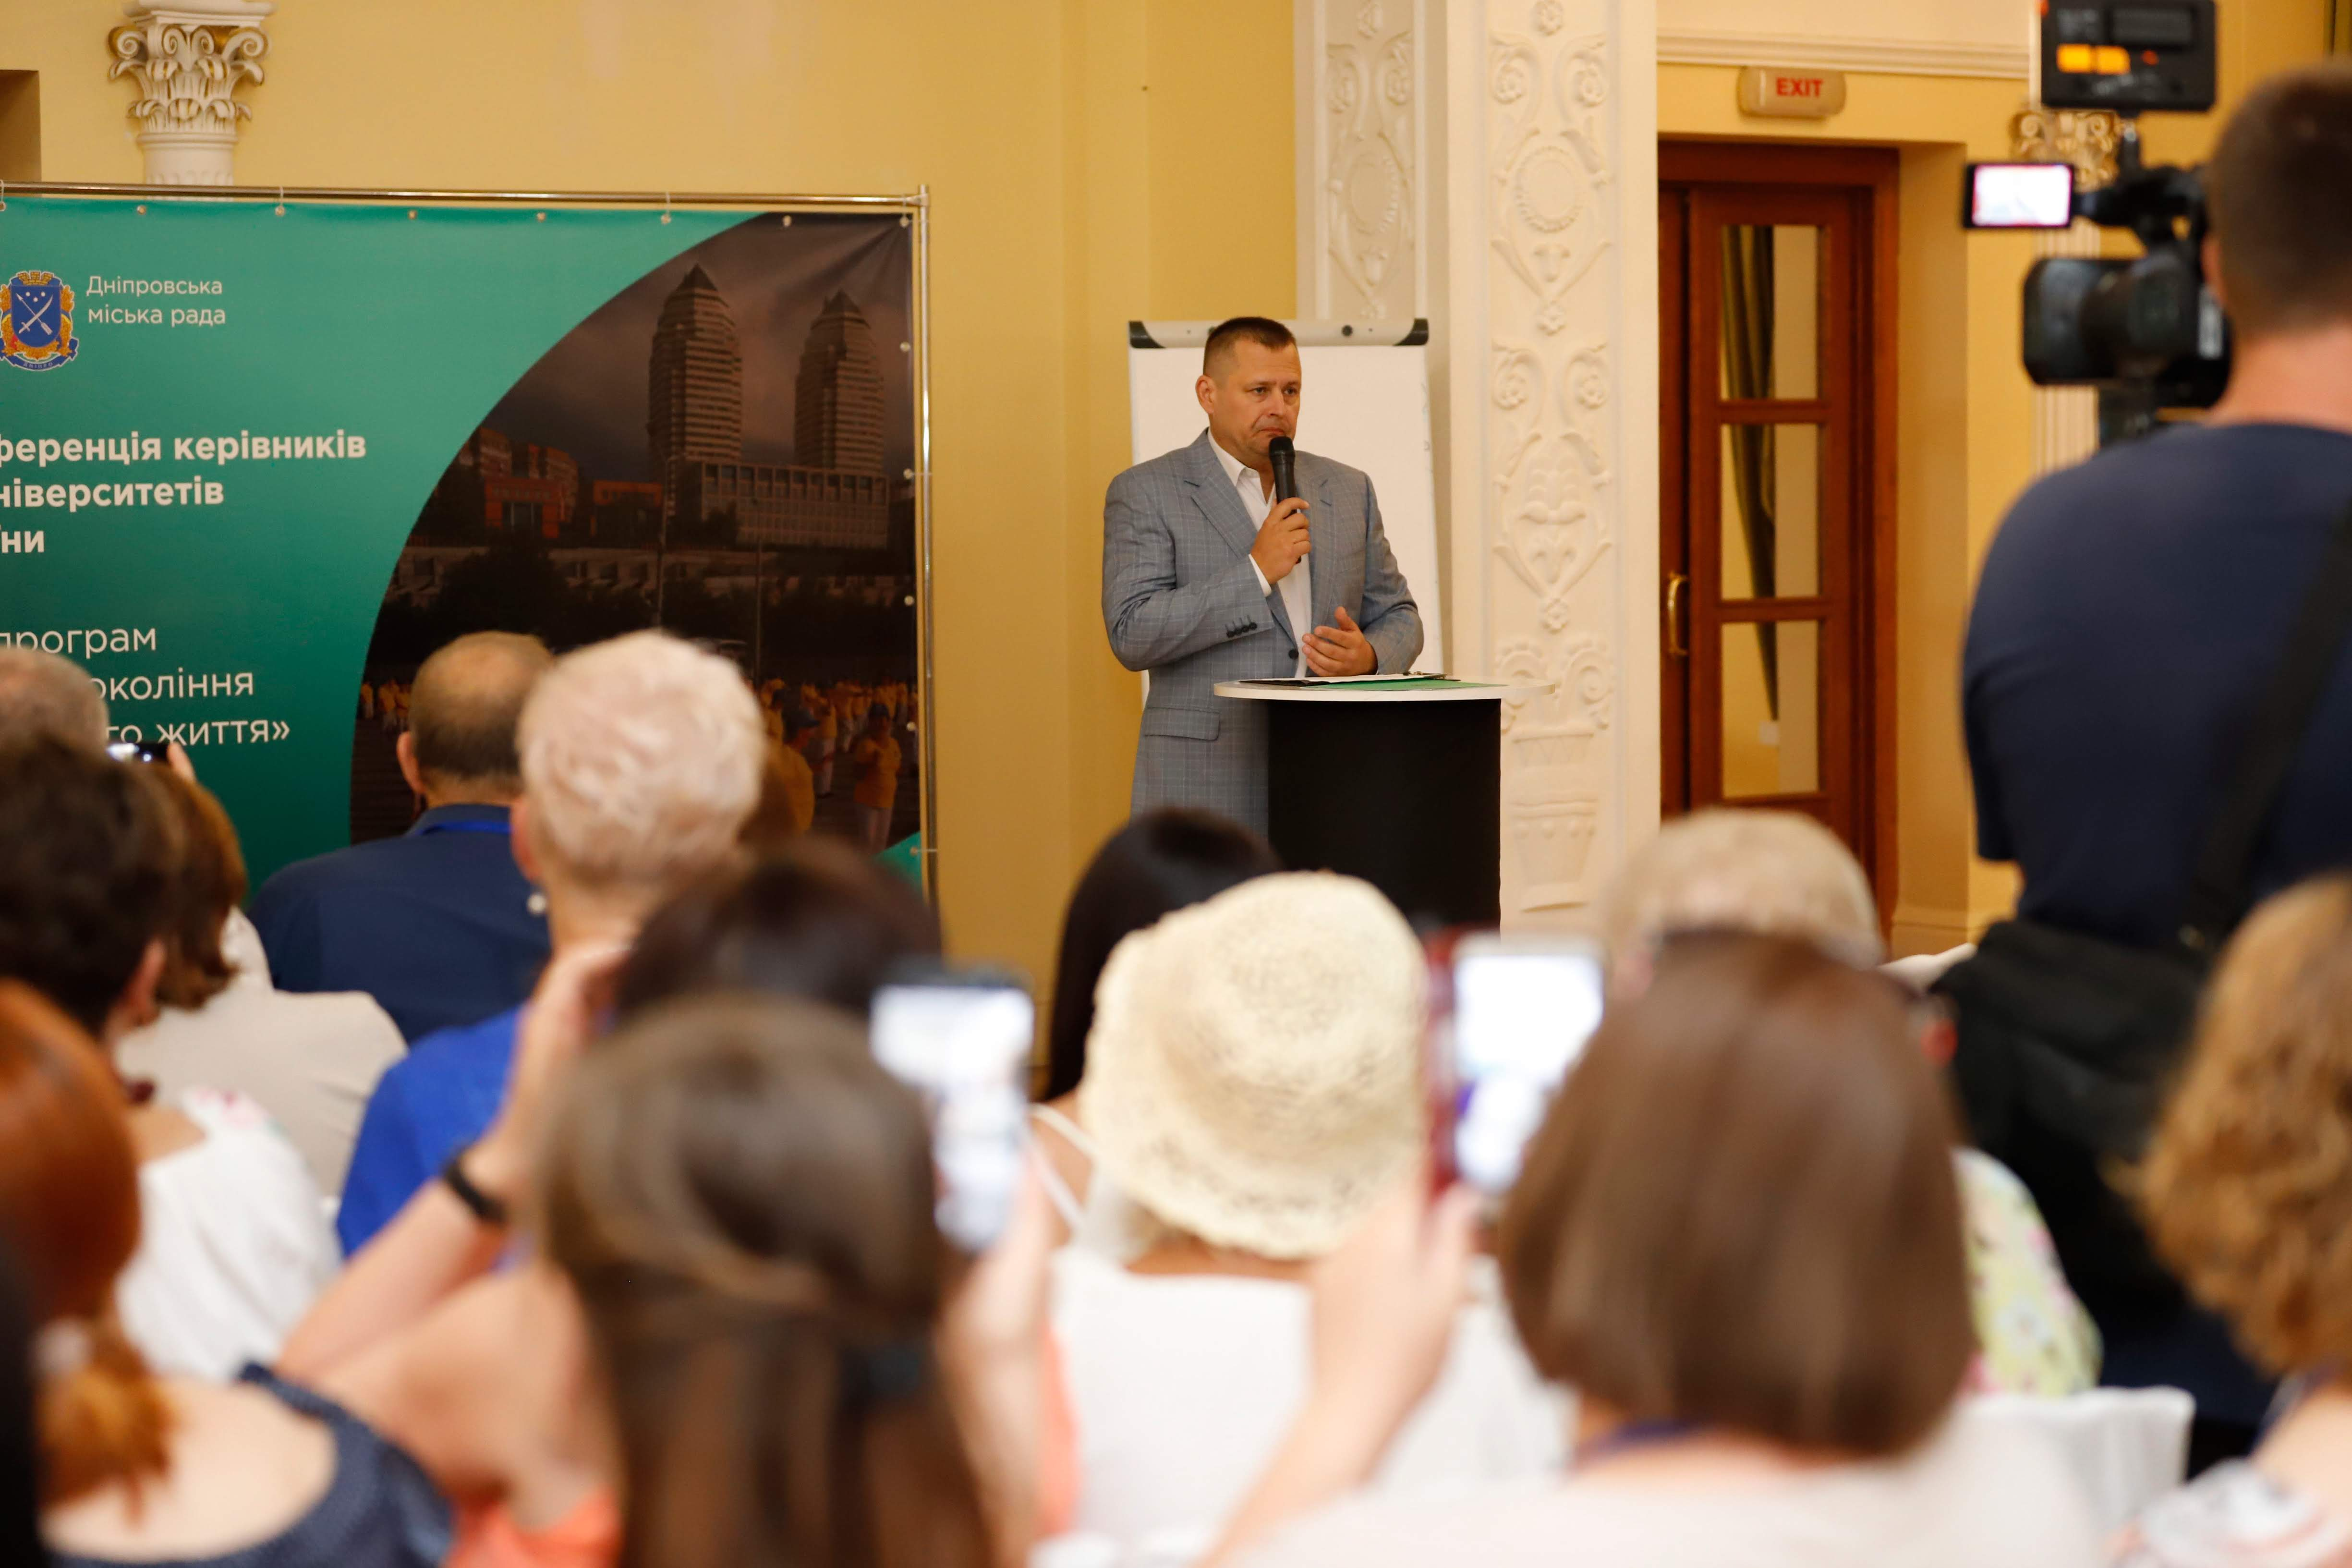 Борис Филатов: Днепр является флагманом в программах социальной адаптации и обучения людей золотого возраста